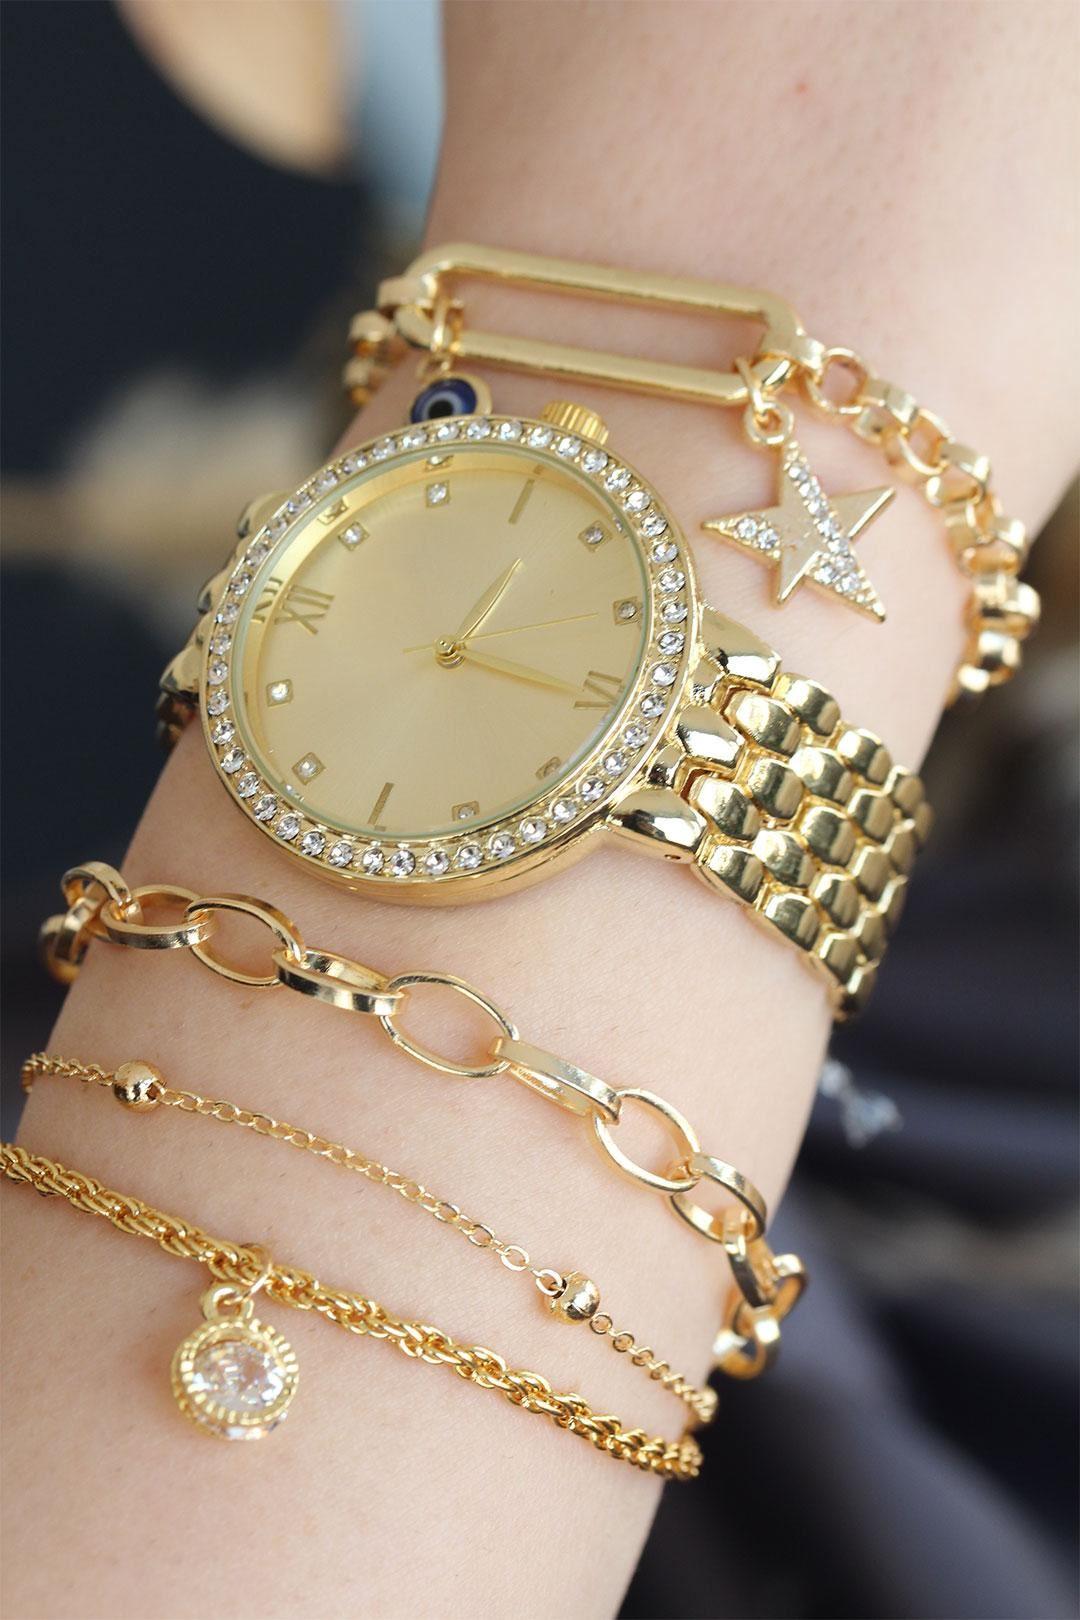 Roma Rakamlı Altın Renk Metal Taşlı Kasa Kadın Saat ve Bileklik Kombini